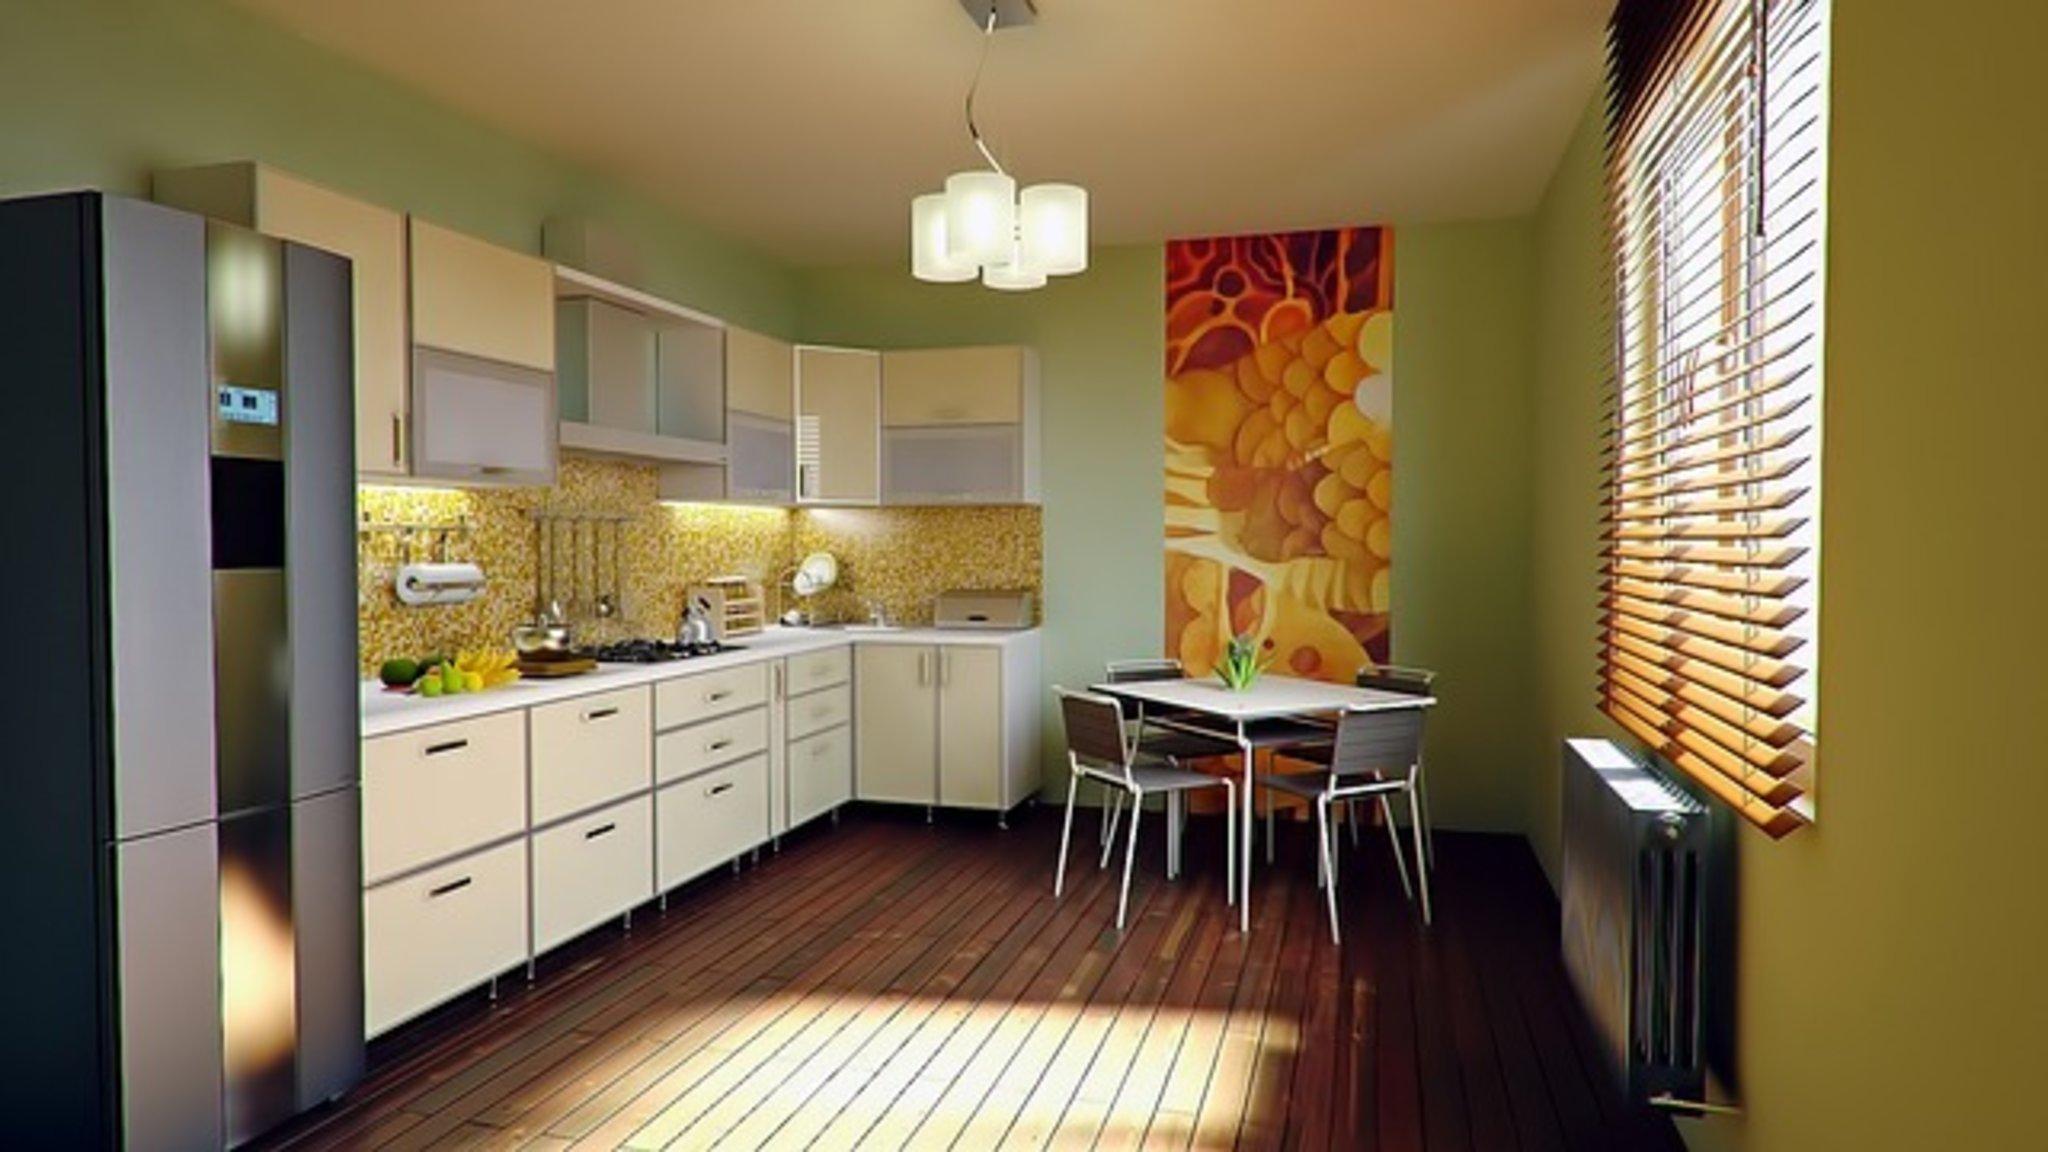 wohnung richtig ausleuchten babenhausen. Black Bedroom Furniture Sets. Home Design Ideas